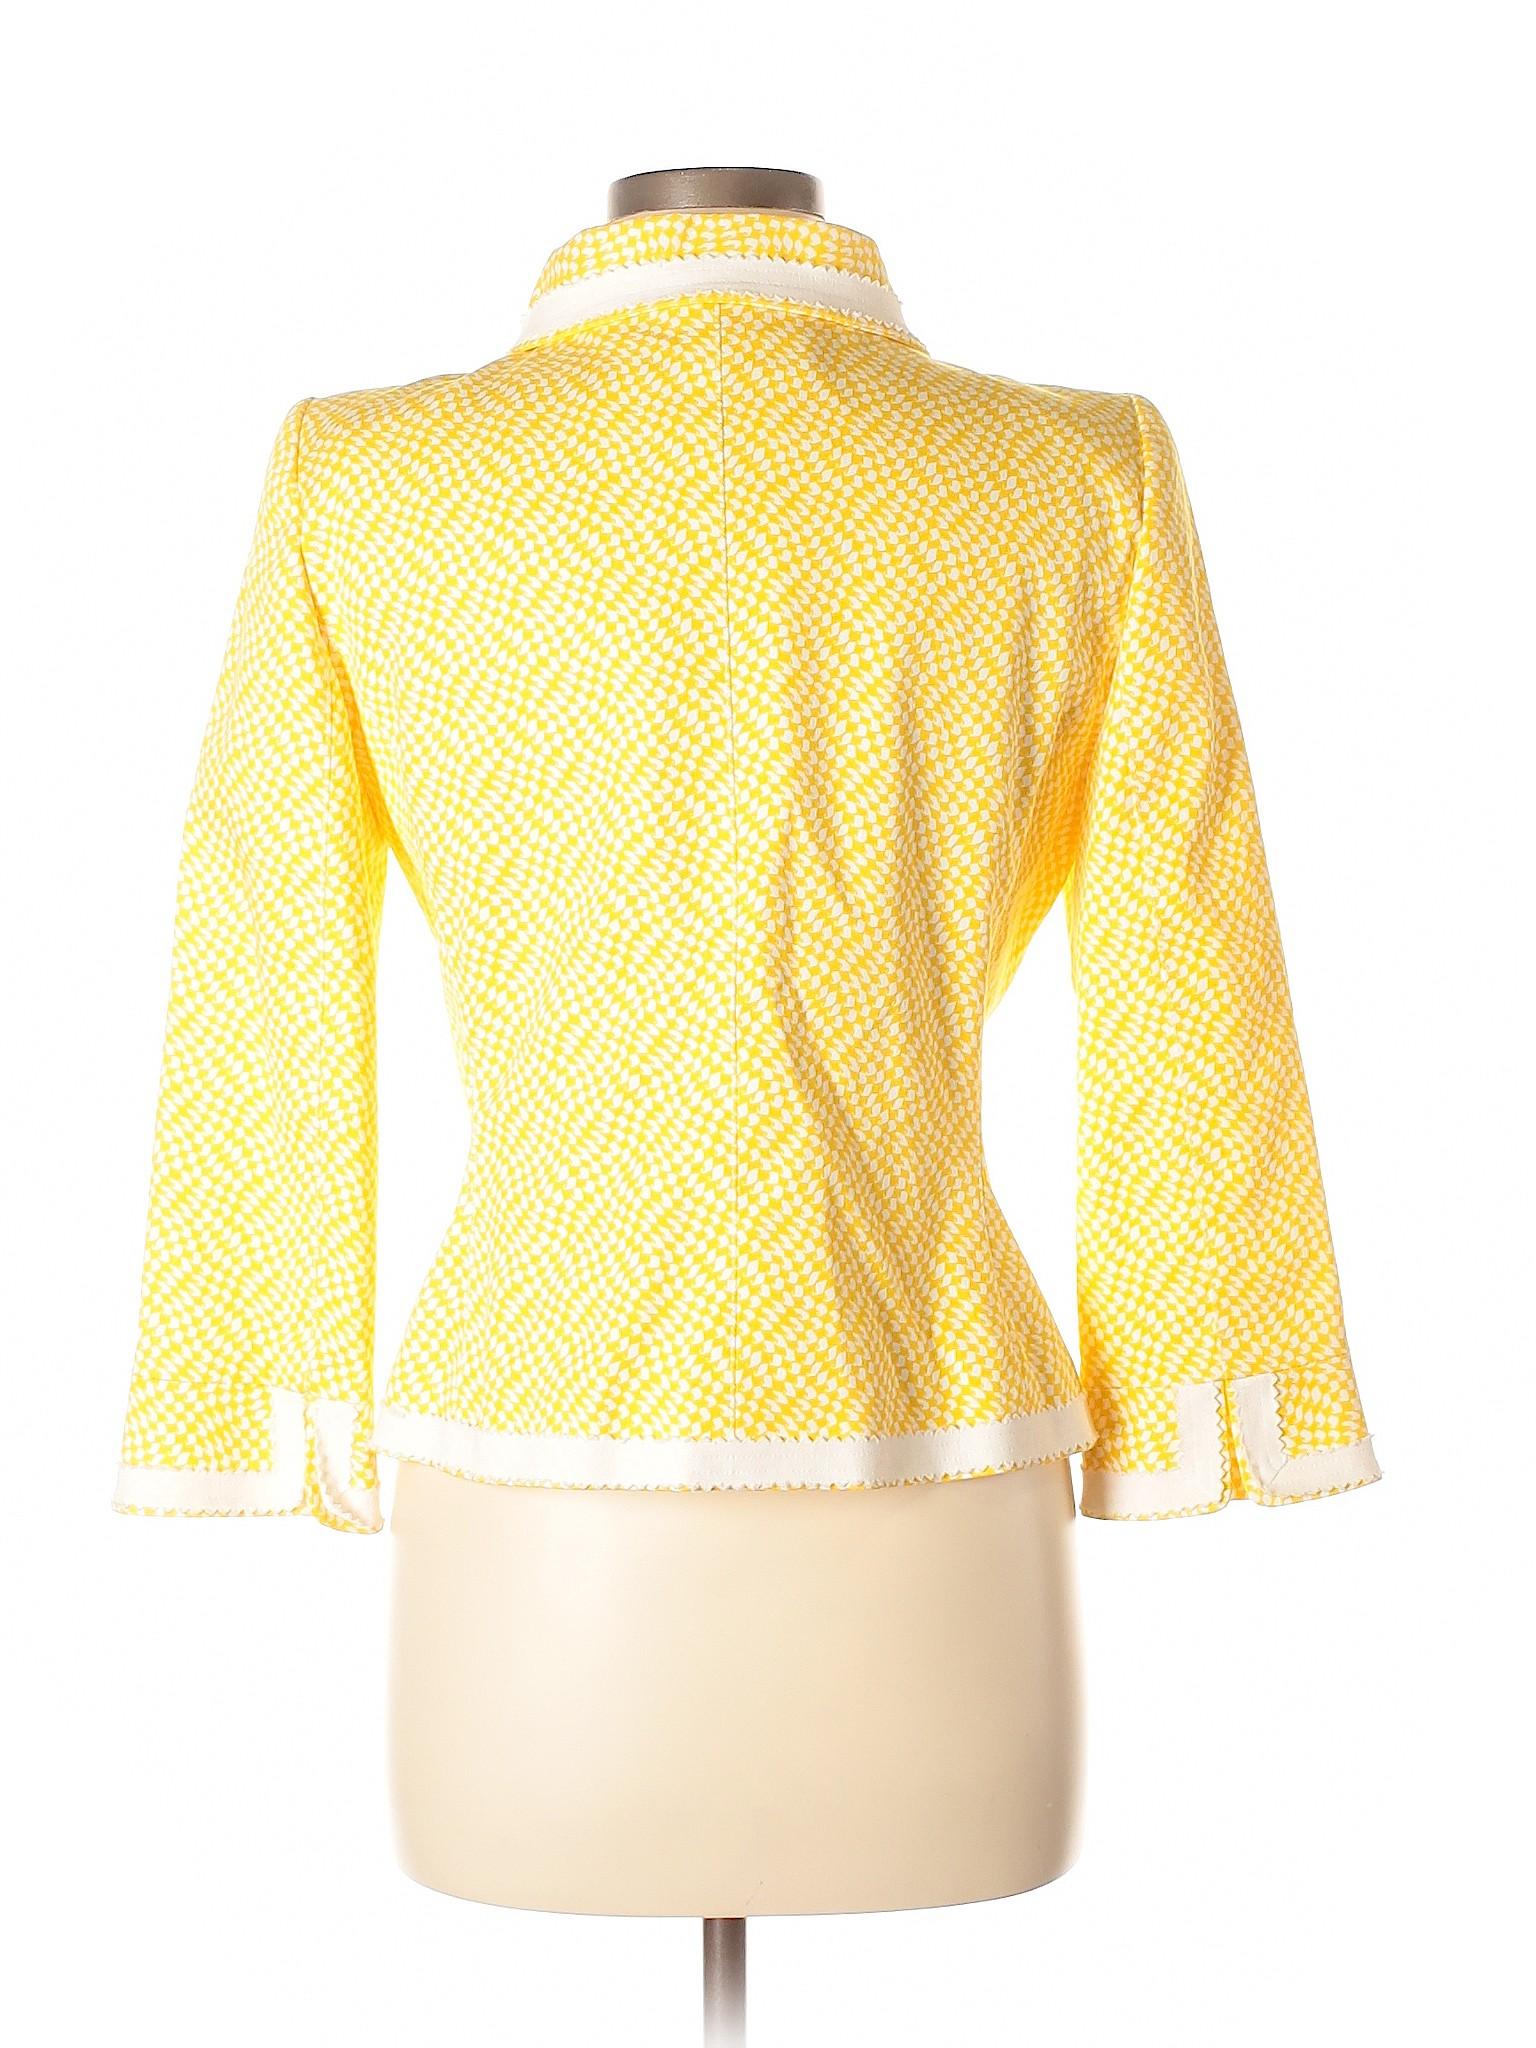 Oscar De Renta Jacket La Boutique dYxO6wdn